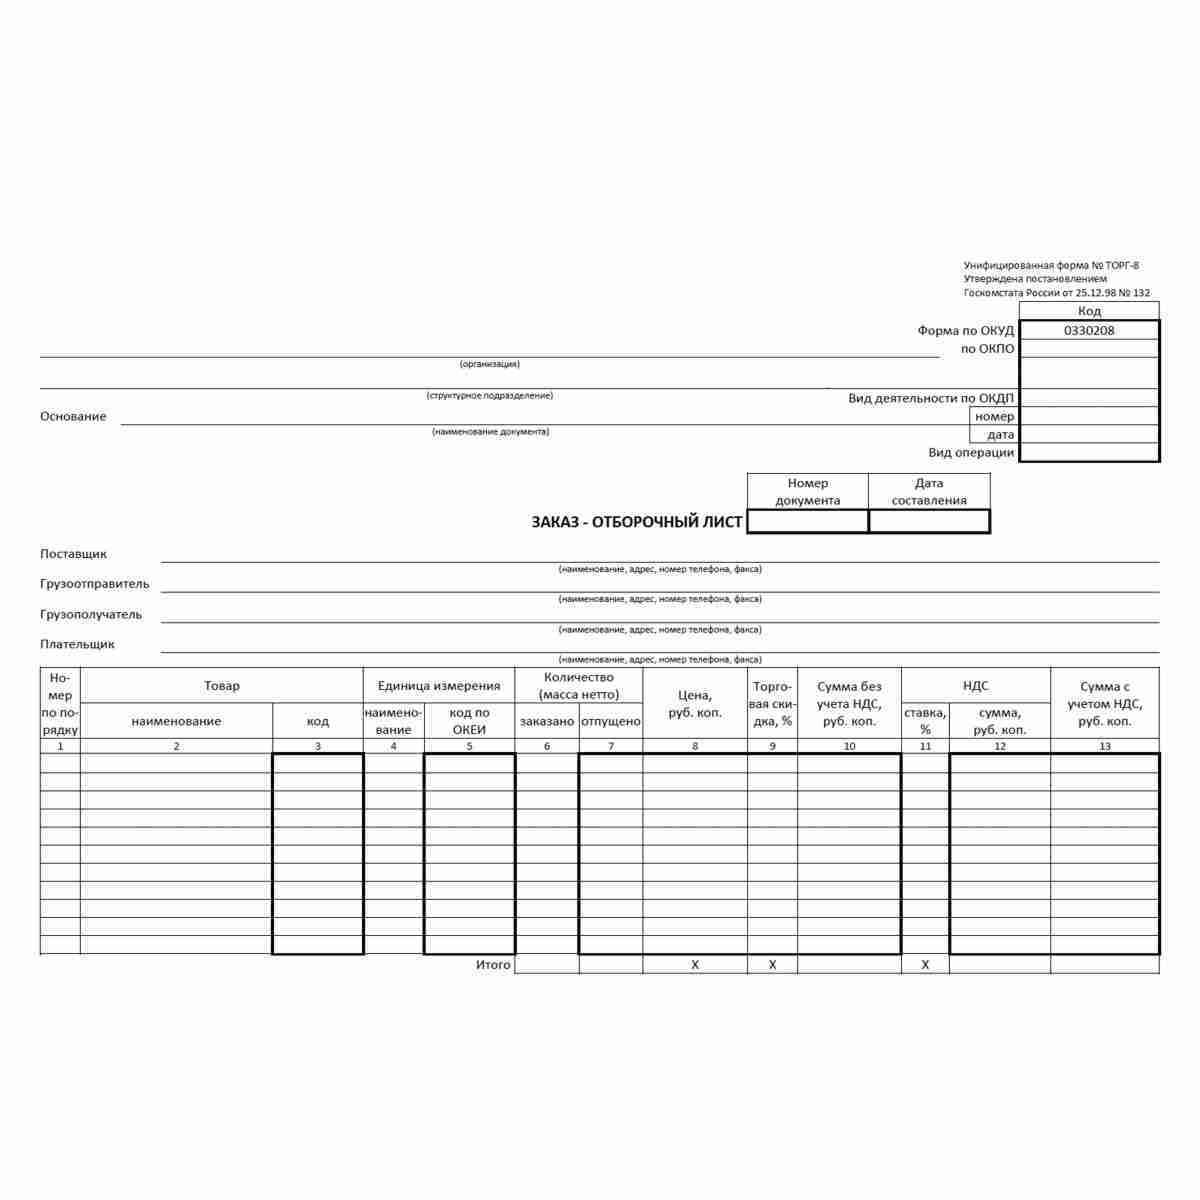 """Унифицированная форма первичной учетной документации №ТОРГ-8 """"Заказ - отборочный лист"""" (ОКУД 0330208). Лицевая сторона."""